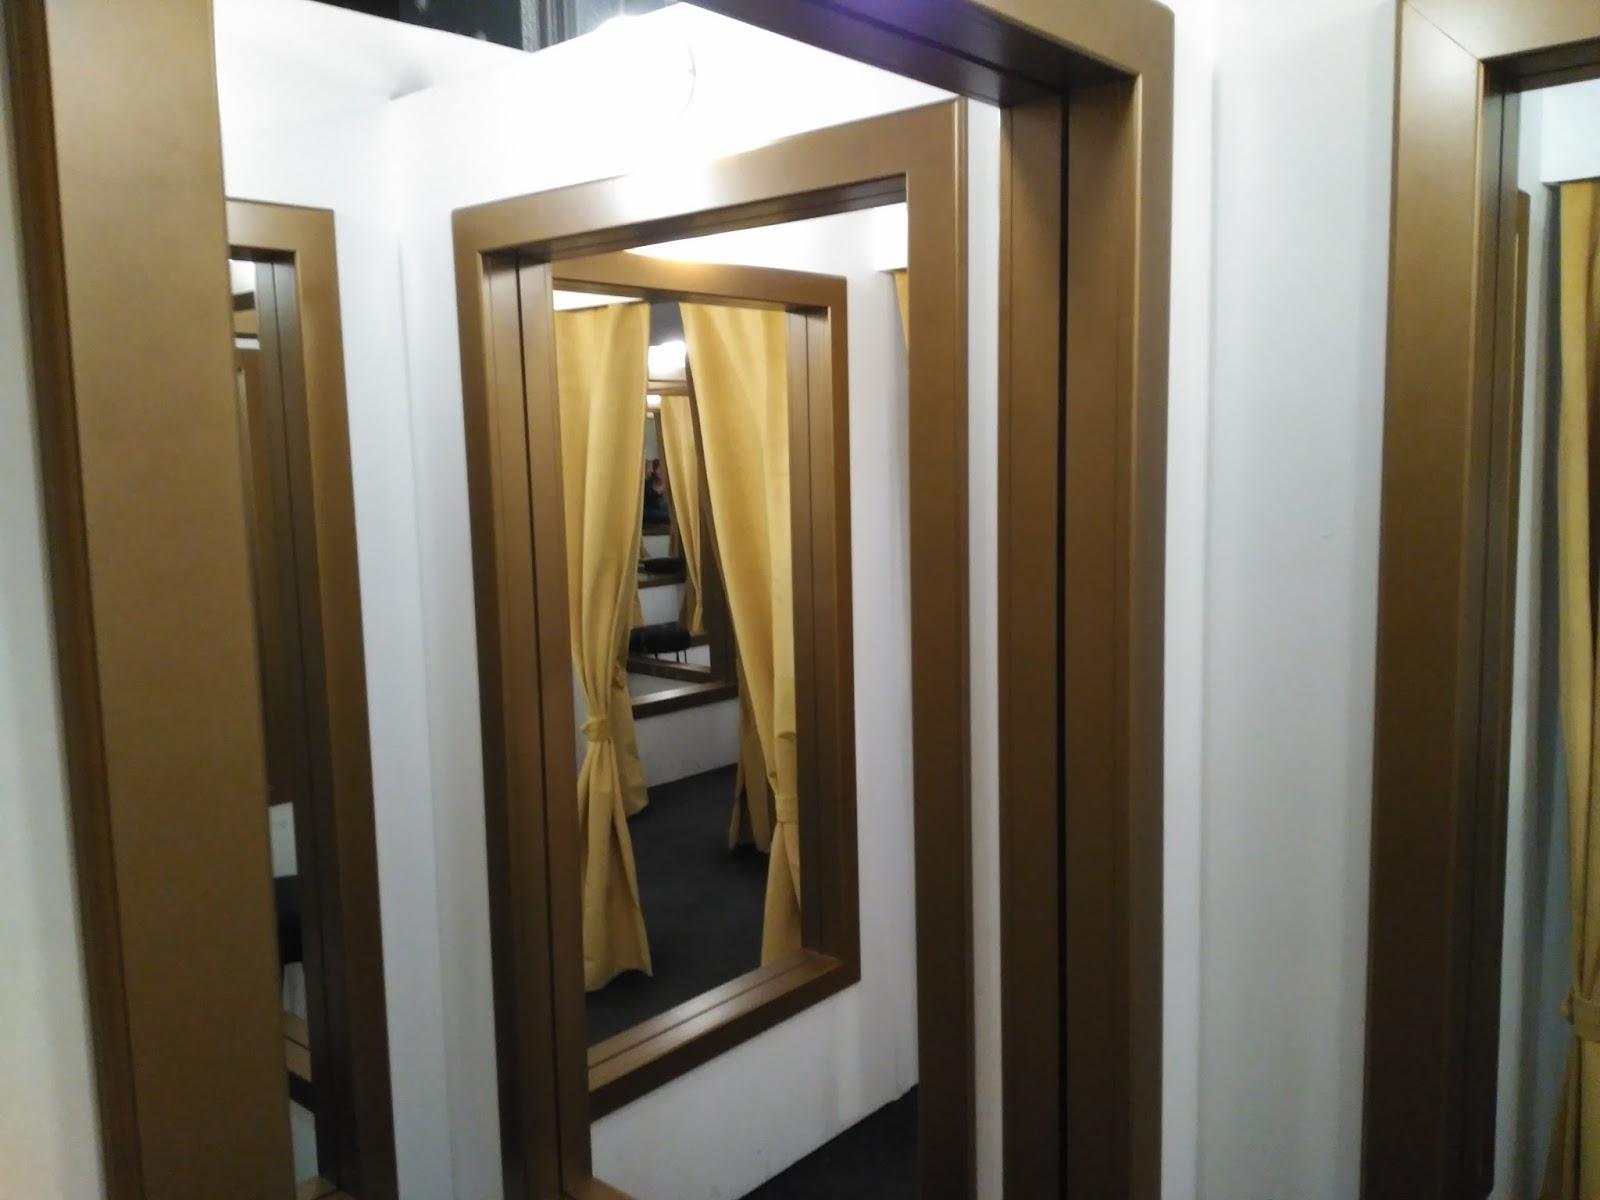 Artesinira instalaciones for Probadores de ropa interior